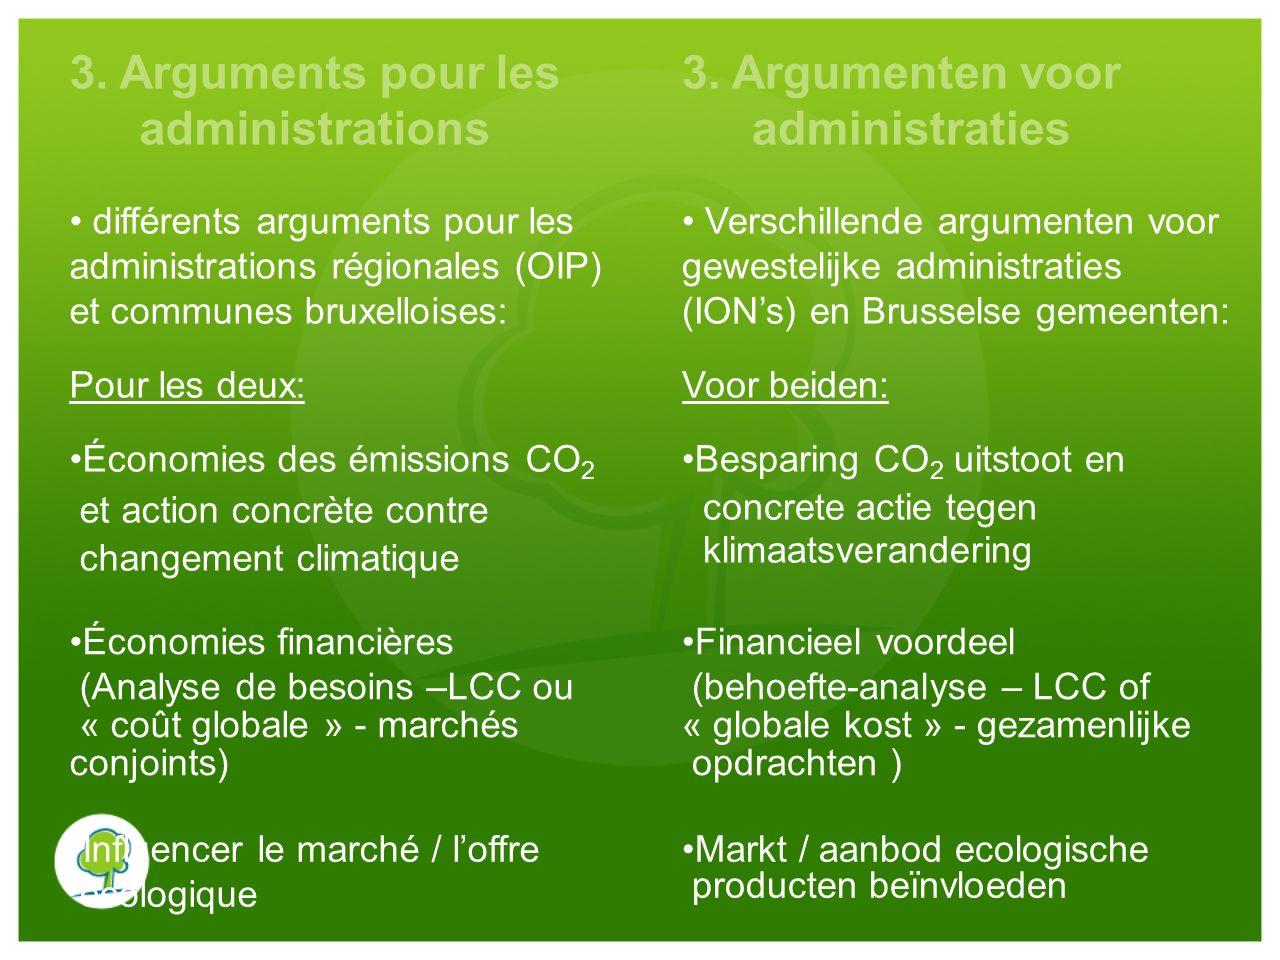 3. Arguments pour les administrations 3. Argumenten voor administraties différents arguments pour les administrations régionales (OIP) et communes bru